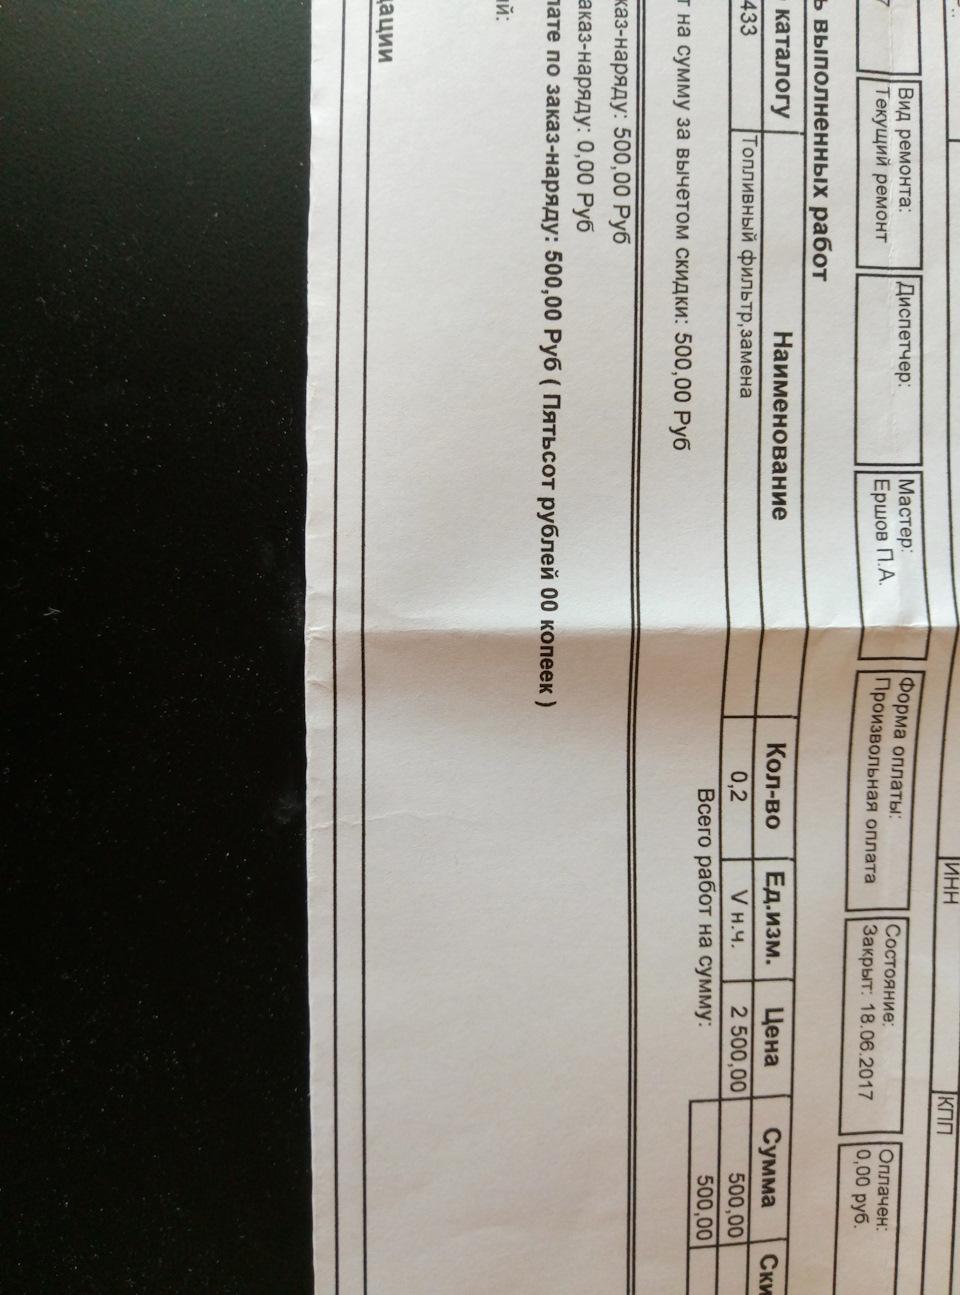 Обухов часа в стоимость нормо стоимость няни часа иркутска